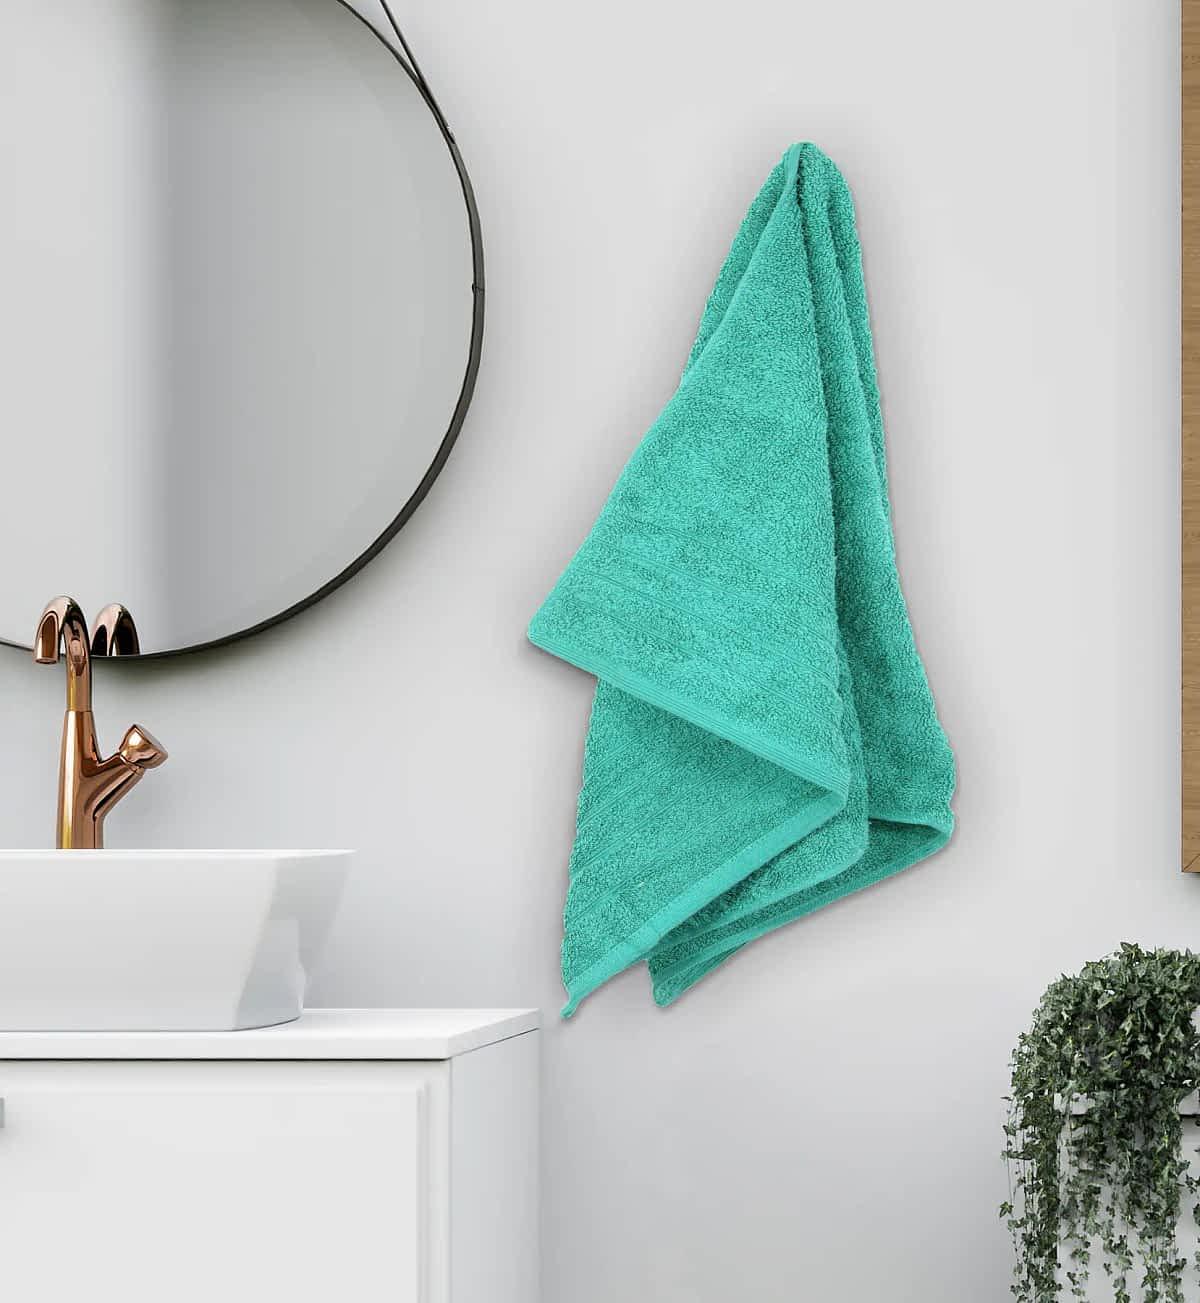 Πετσέτα Προσώπου 50 Χ 90 Βαμβακερή 100% 600γρ X39